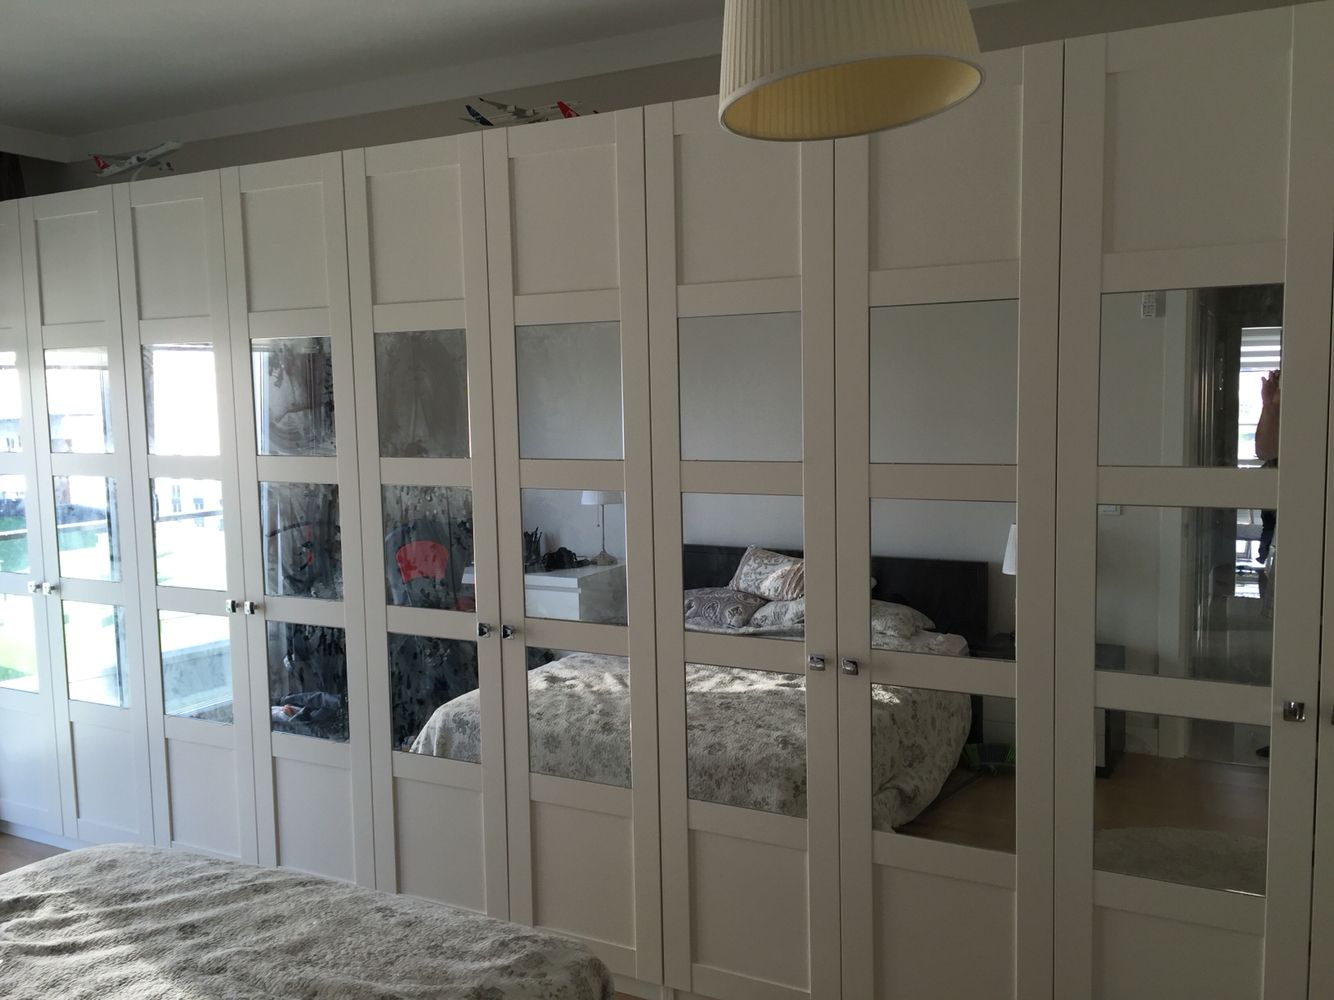 Ikea Schlafzimmer Garderobe Heissgeliebtes Ein Madchentraum Das